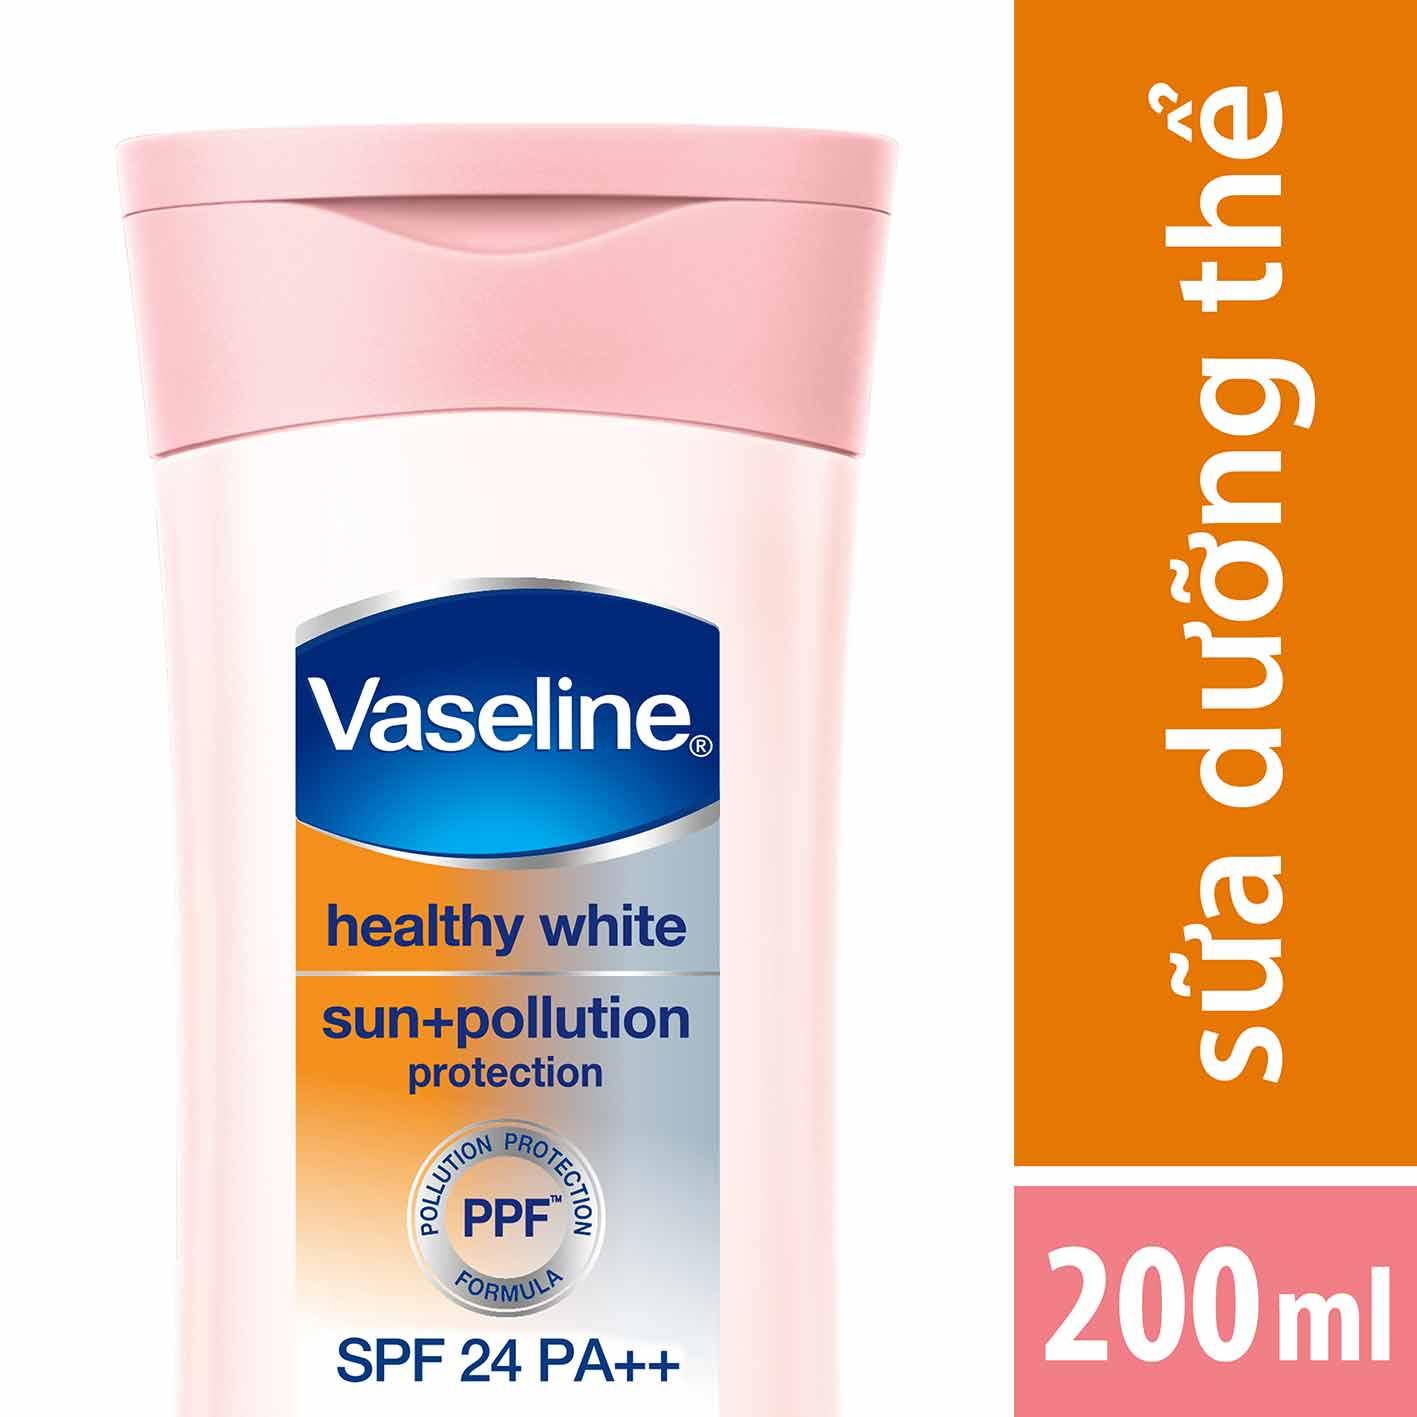 Sữa Dưỡng Thể Trắng Da Chống Nắng Và Ô Nhiễm Môi Trường Vaseline SPF 24 PA ++ (200ml)